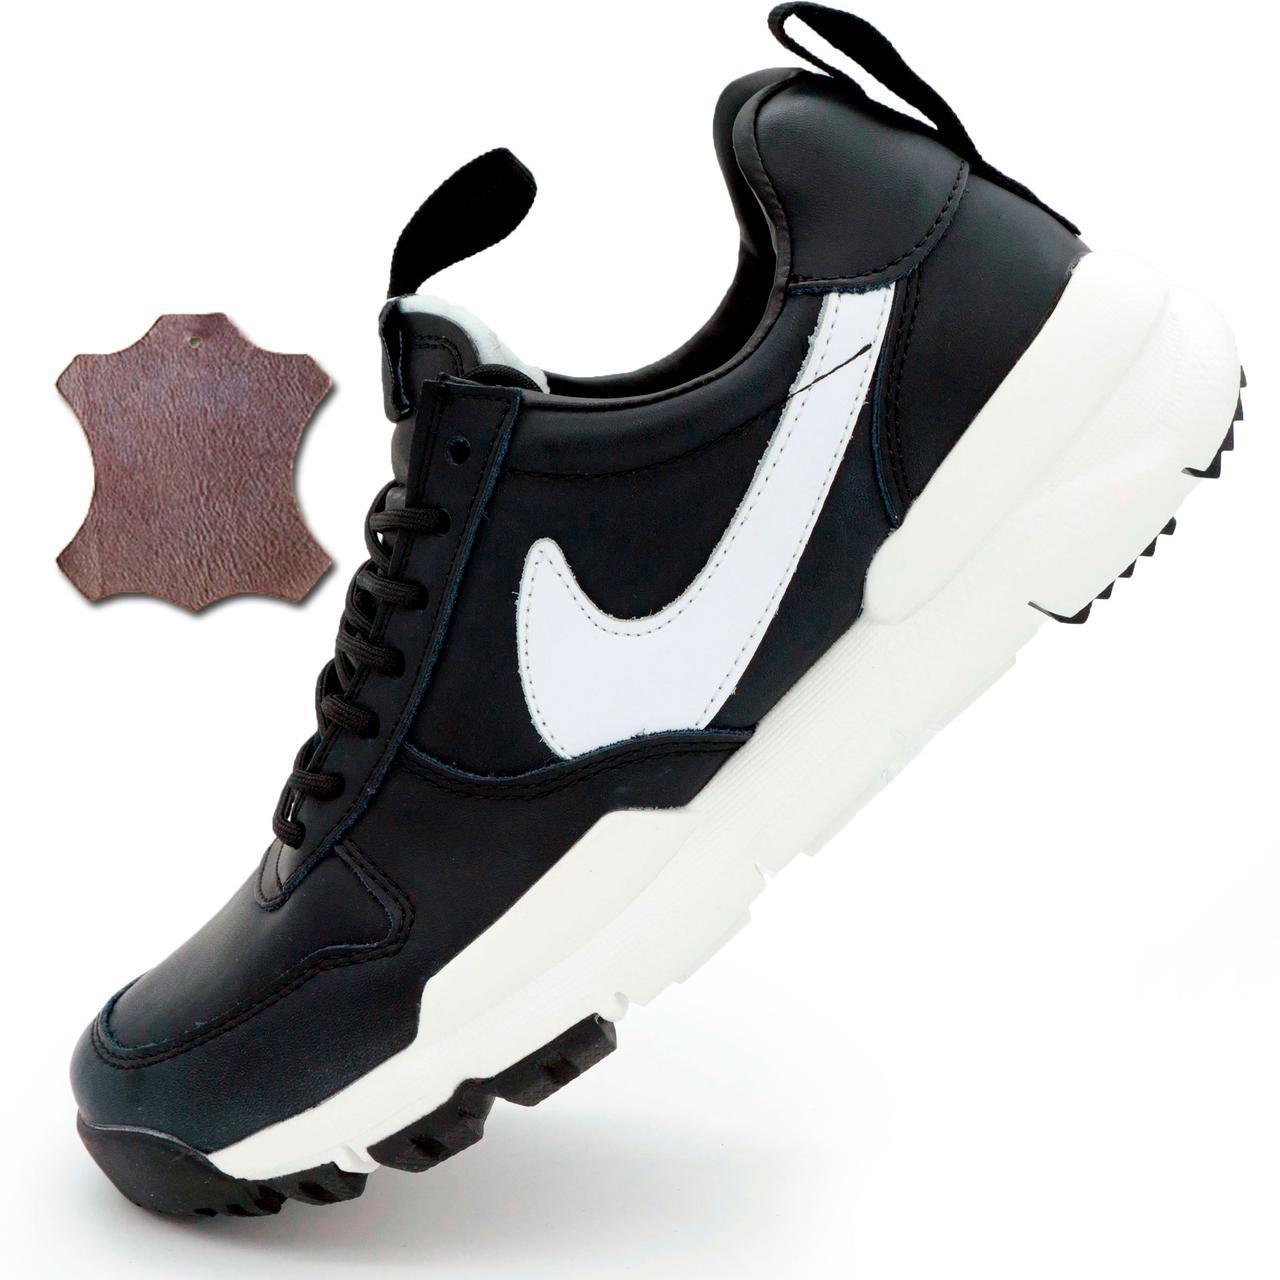 bf309e19f0a0 Черные мужские кожаные кроссовки Найк Nike Mars Yard 2.0 Топ качество! р.(42